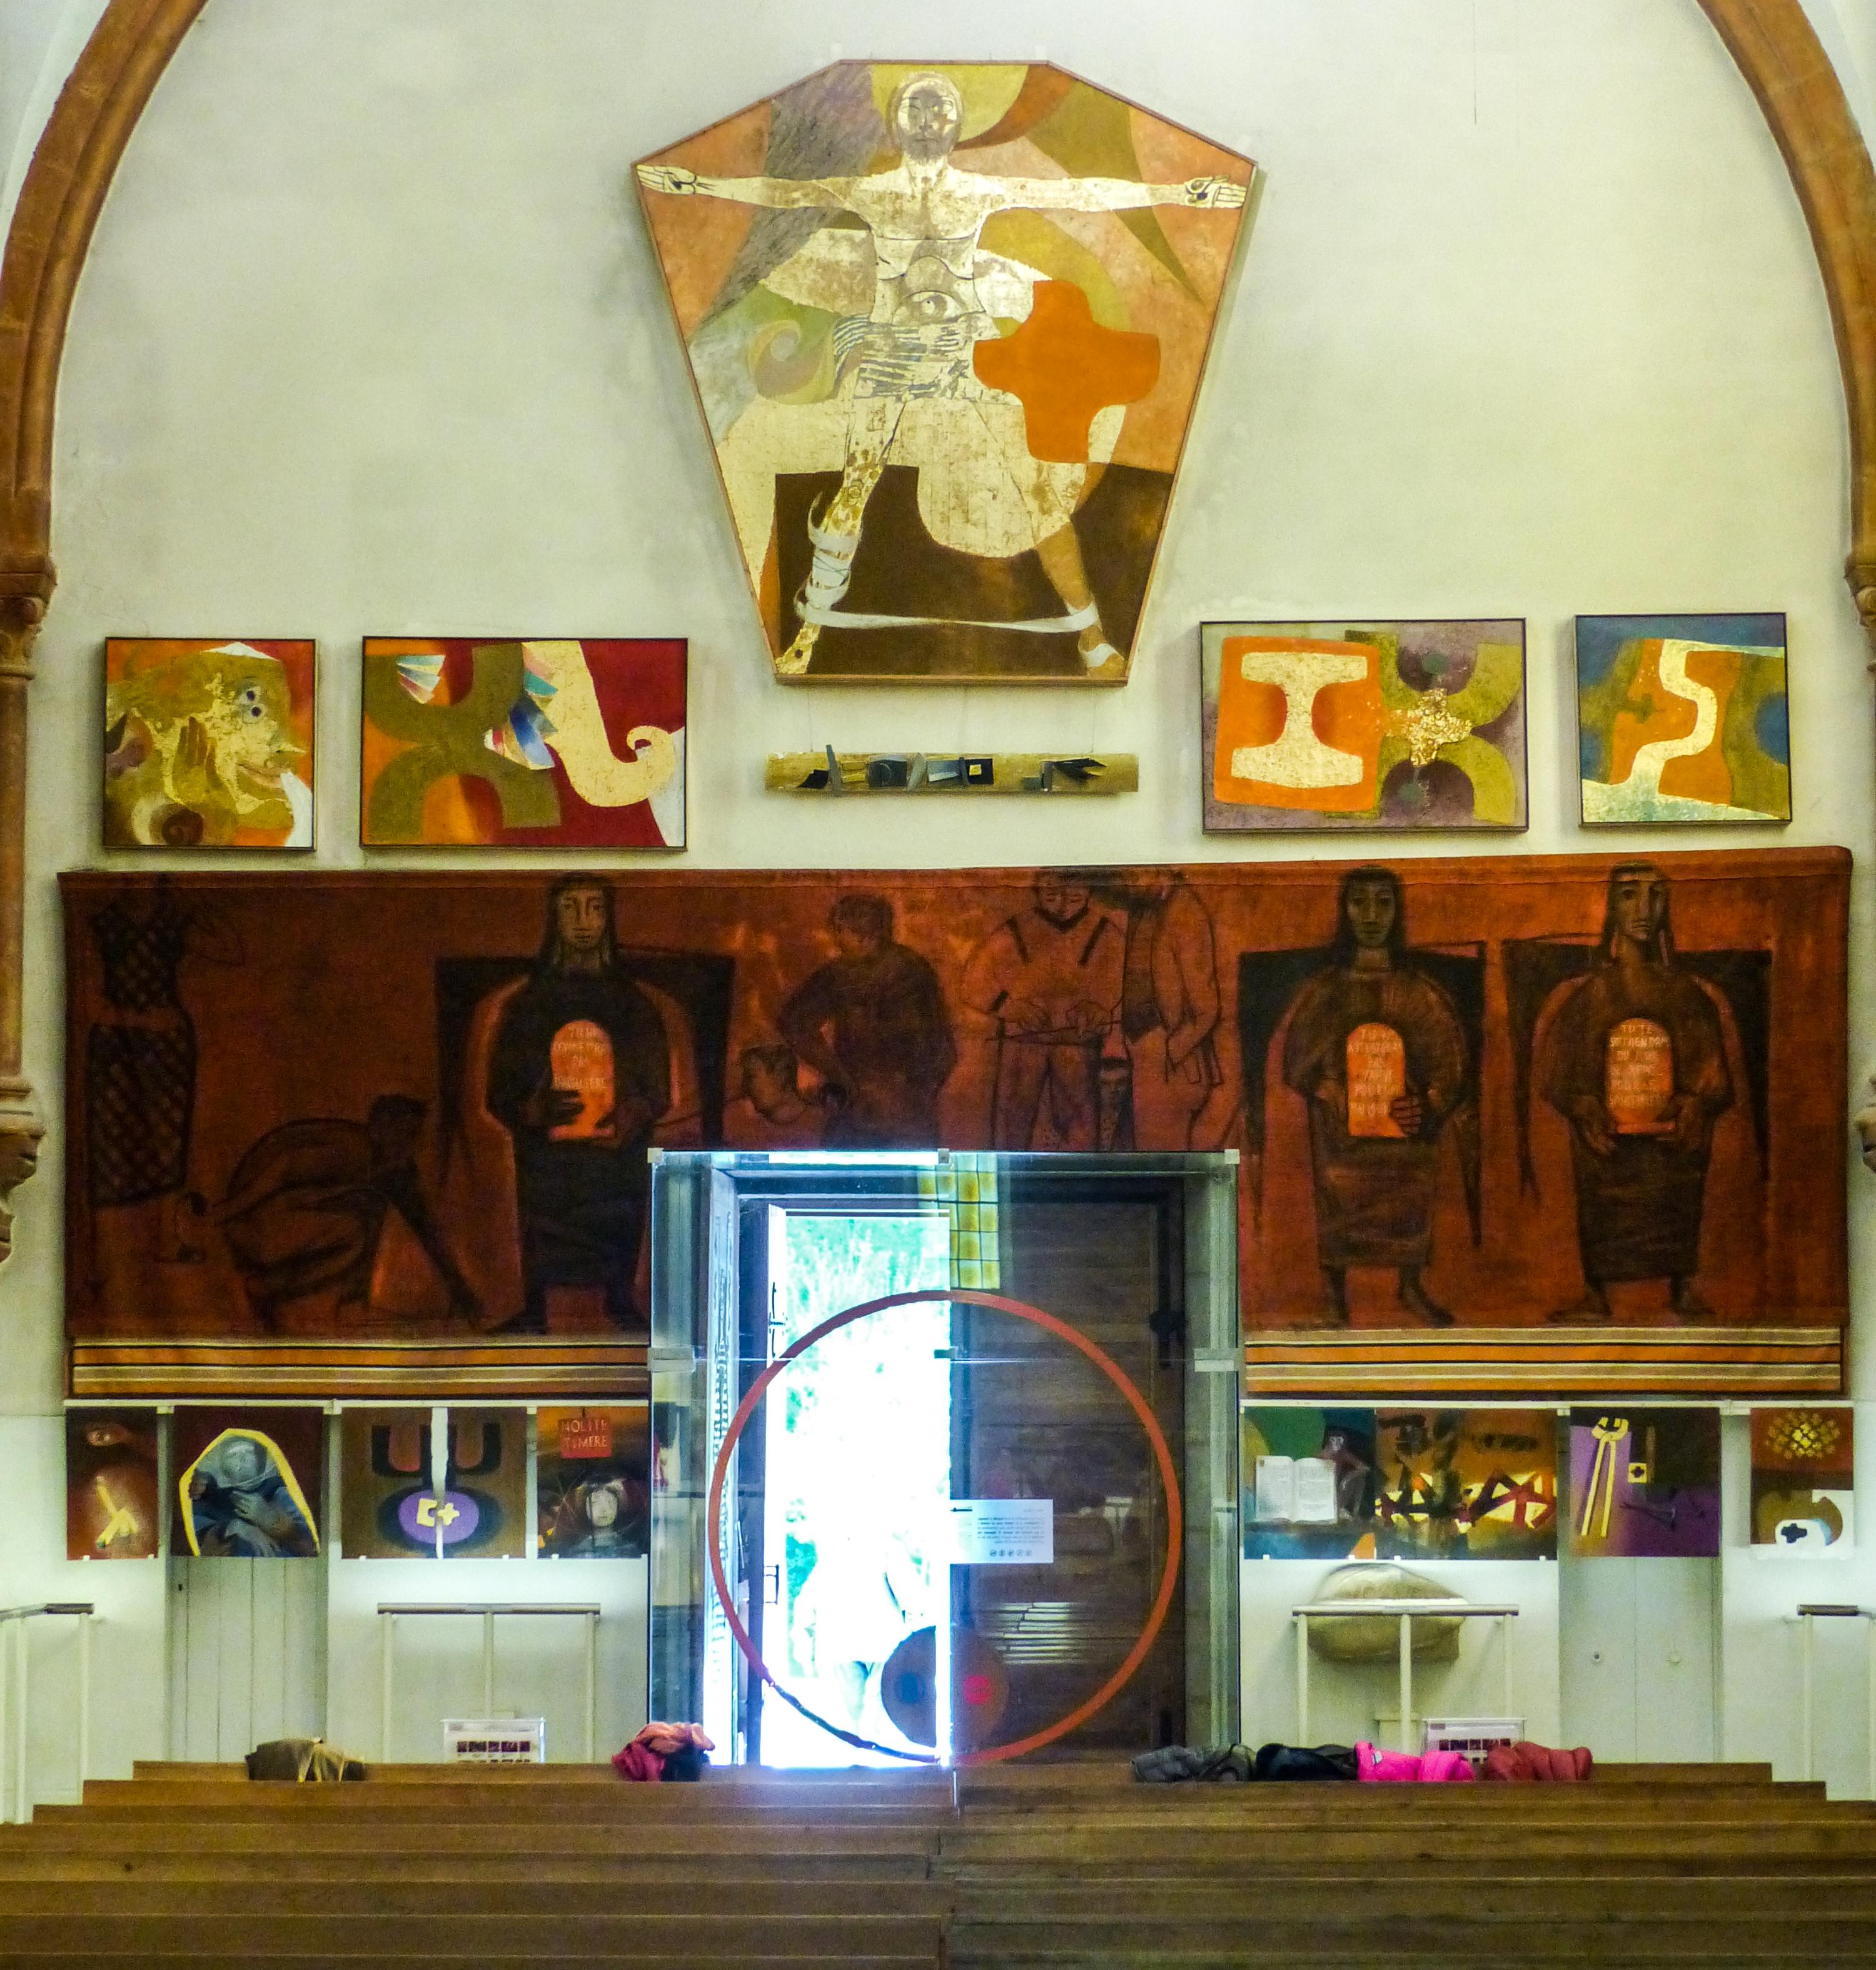 Le peintre et artiste Arcabas, qui résidait à Saint-Pierre de Chartreuse depuis plusieurs décennies, est décédé ce jeudi 23 août à l'âge de 91 ans.Église Saint-Hugues-de-Chartreuse. © Adèle Duminy - Place Gre'net